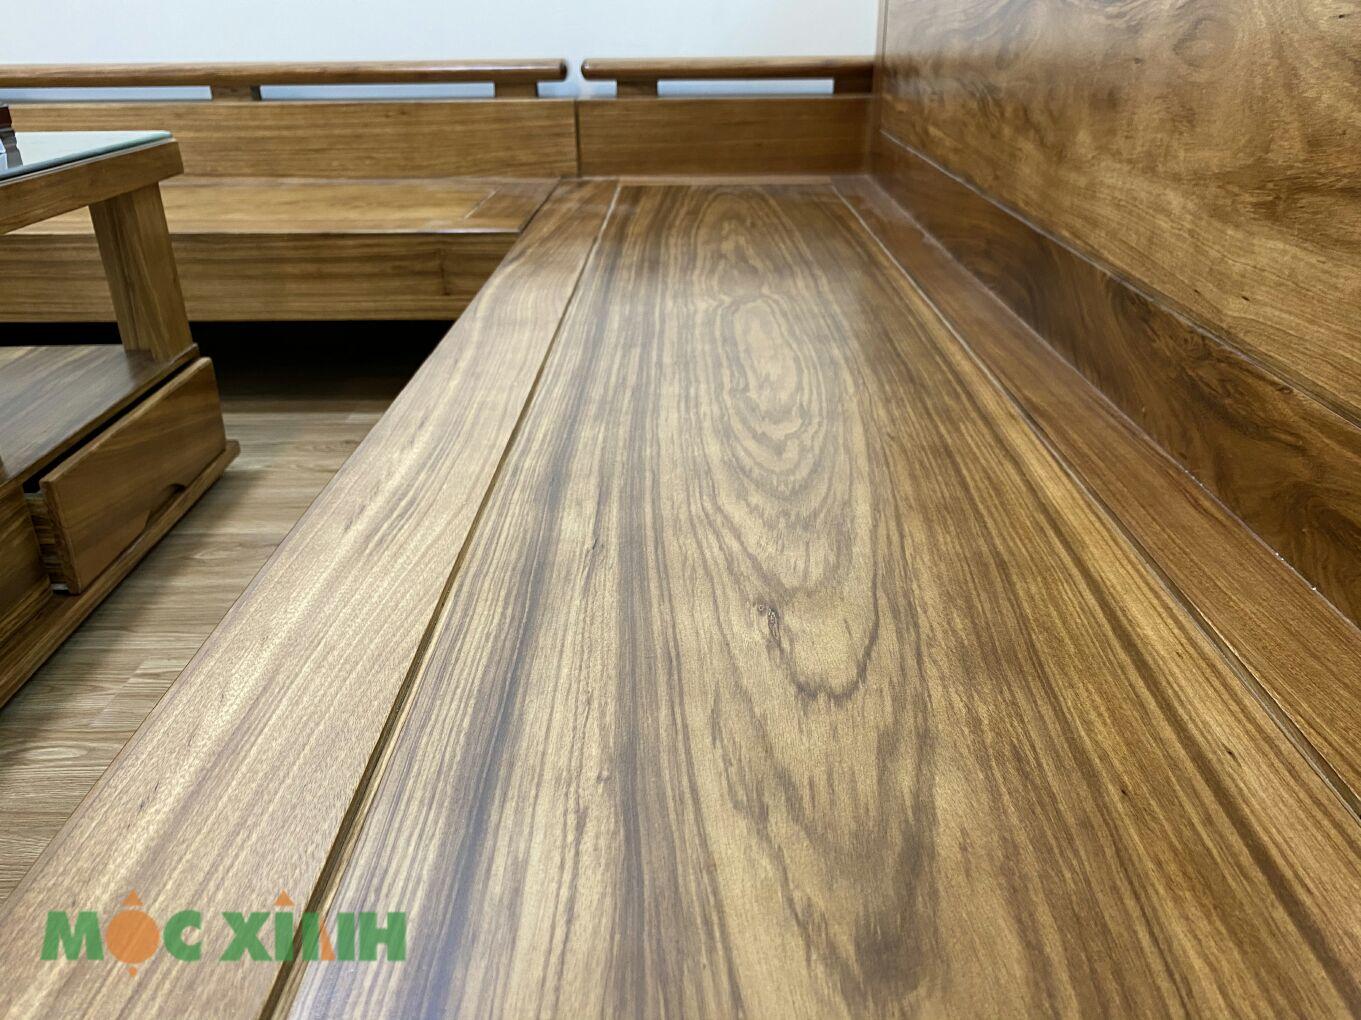 Phần ghế văng dài các vân gỗ ở dạng xoắn đẹp